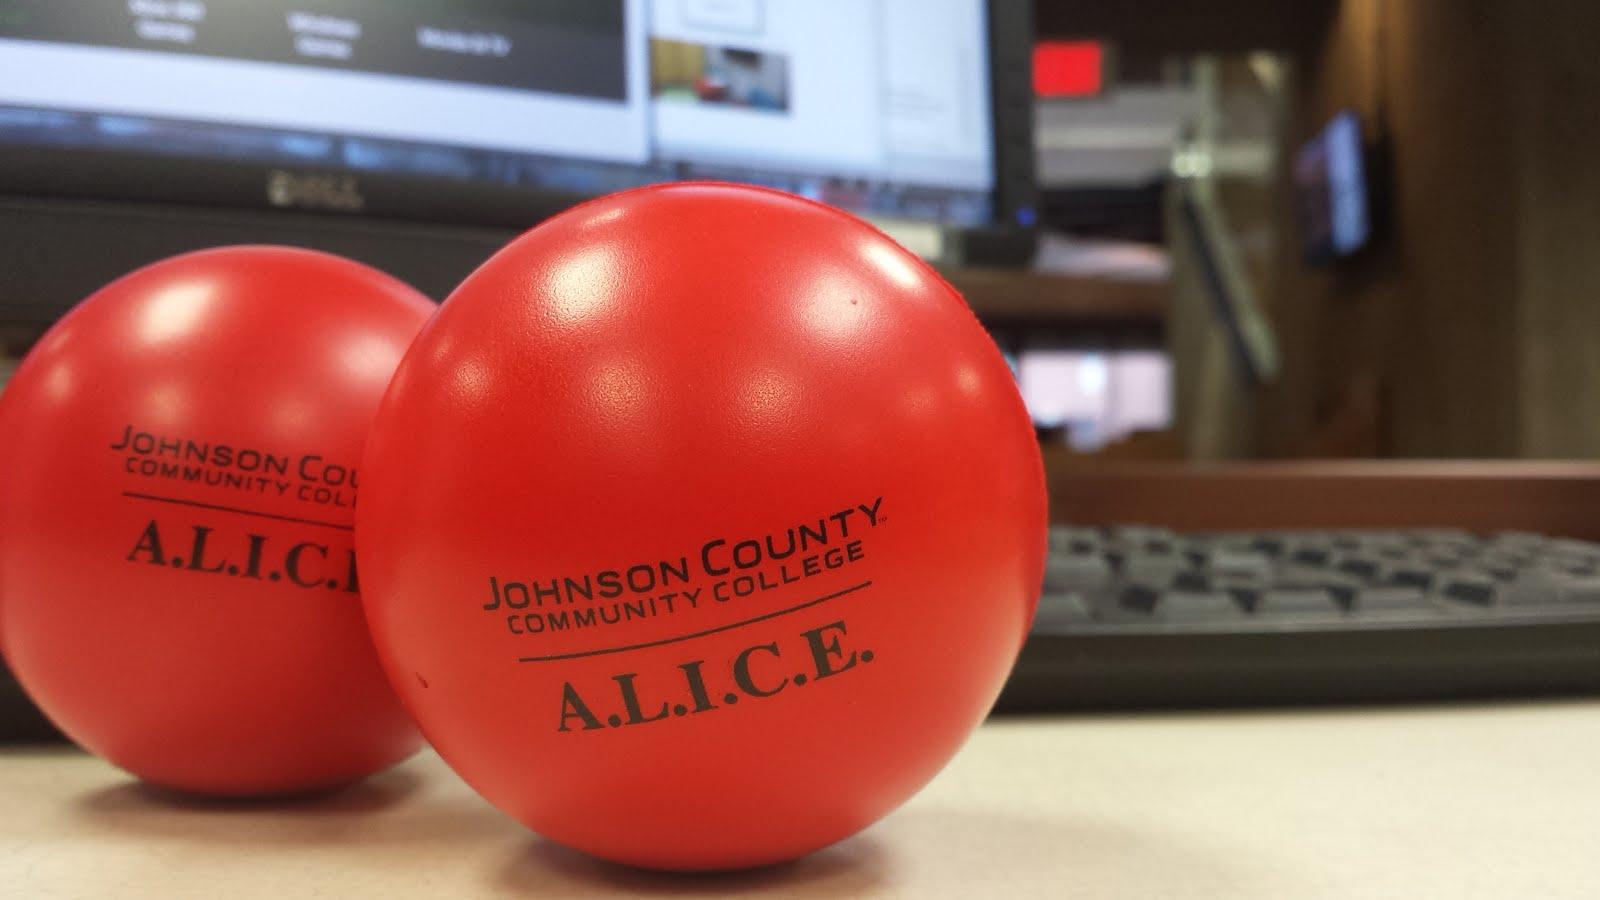 Visit my JCCC Blog - TrustMiguel